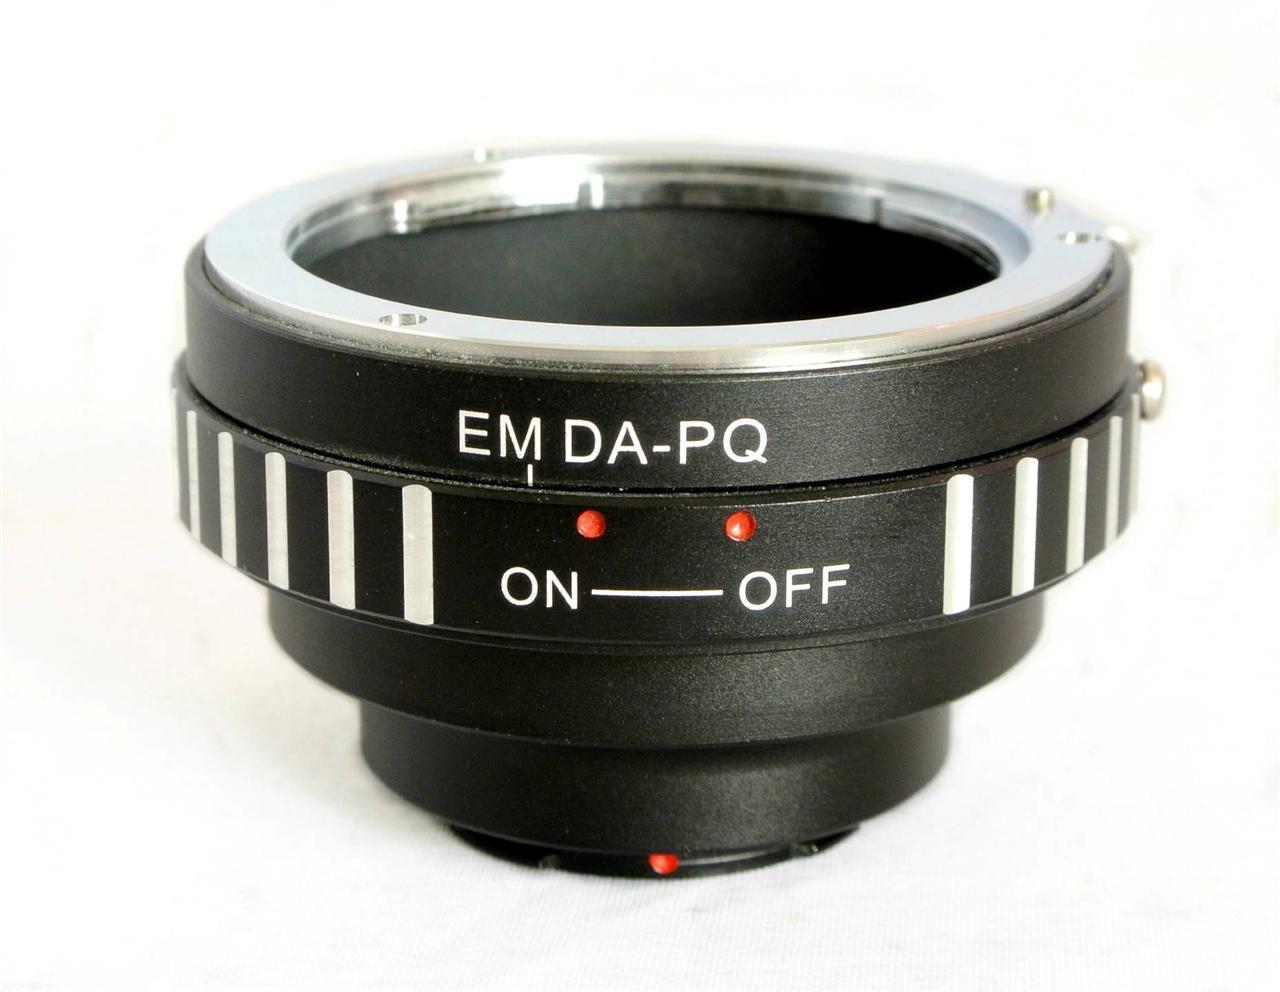 Anillo adaptador de lente DA-PQ Pentax DA para cámara Pentax Q P/Q PQ Q10 Q7 Q-S1